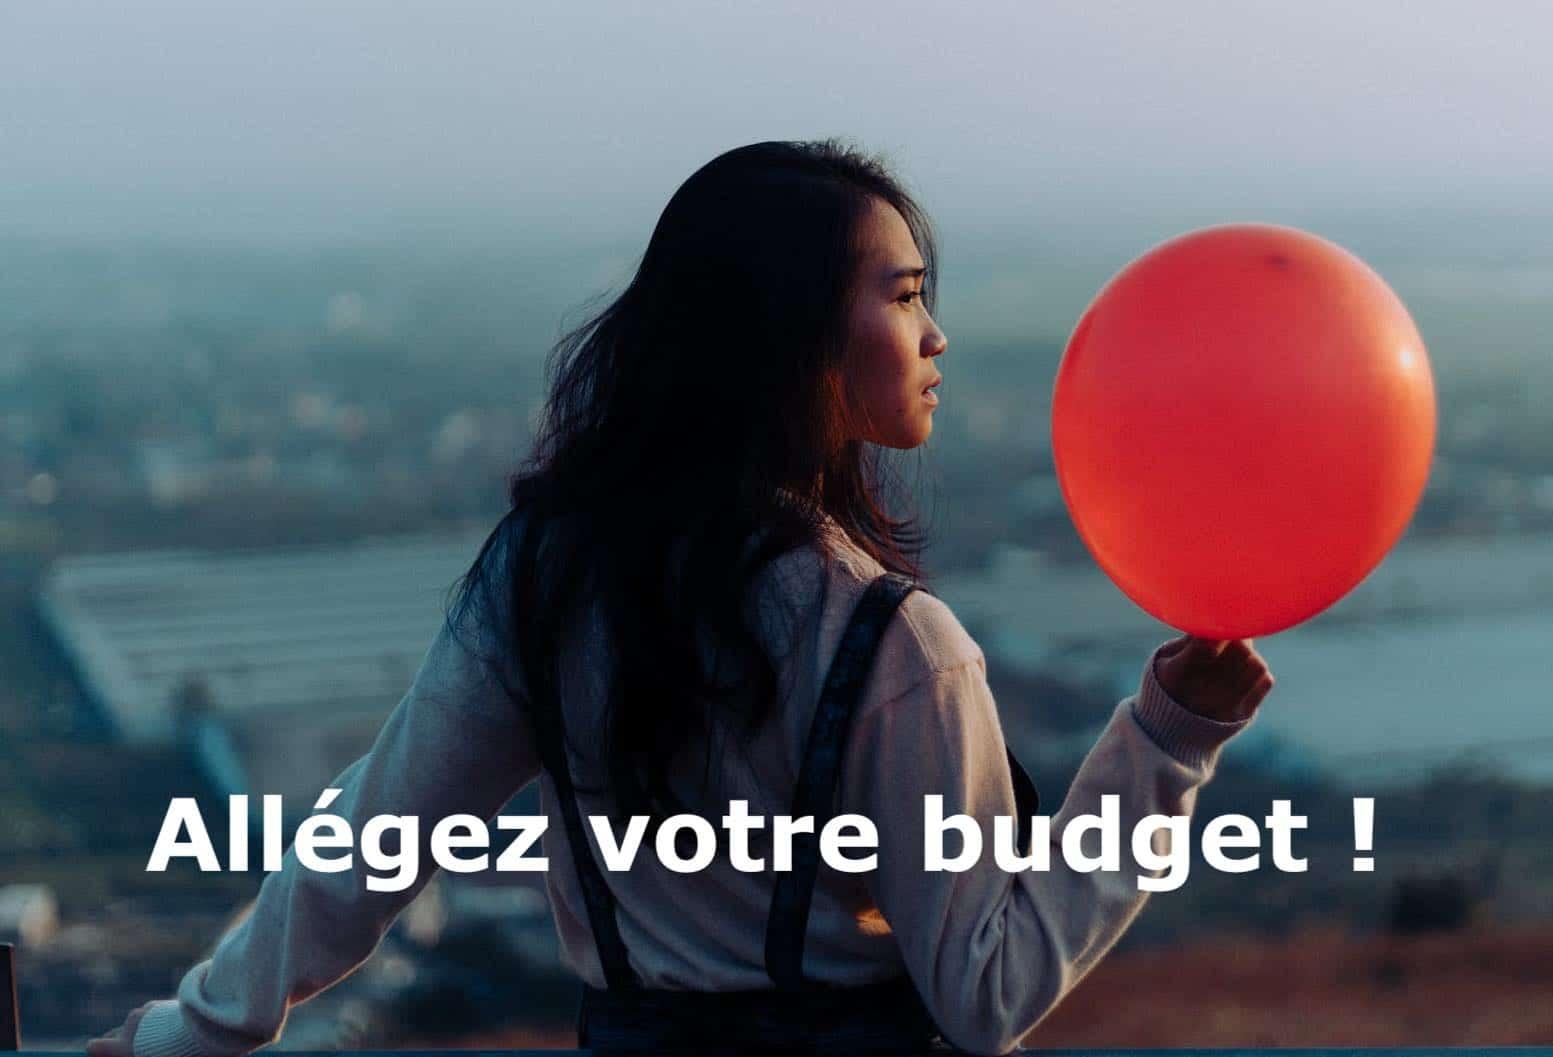 Alleger Son Budget